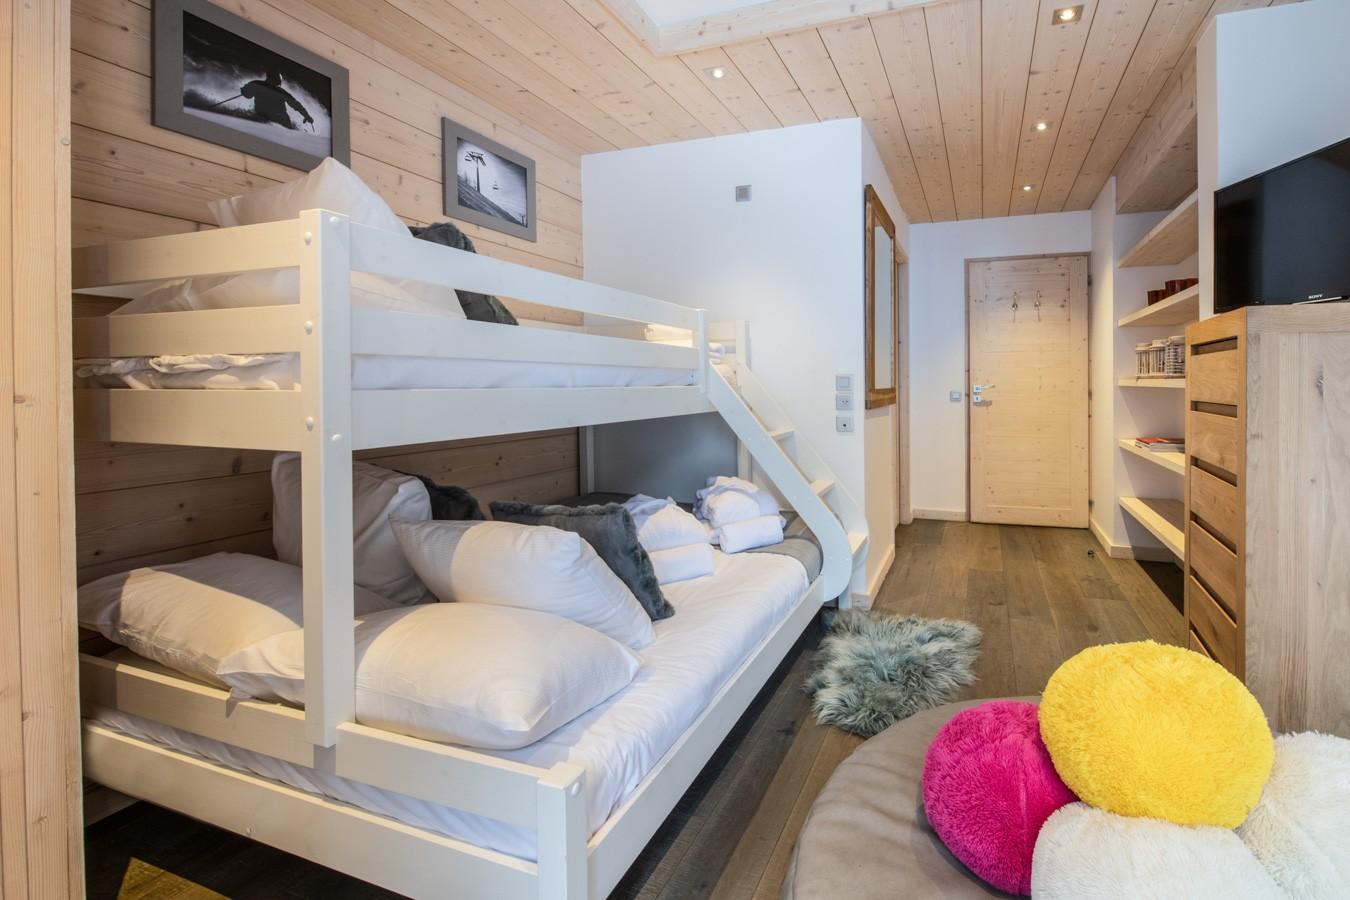 Courchevel 1650 Location Appartement Luxe Aluminite Chambre 2